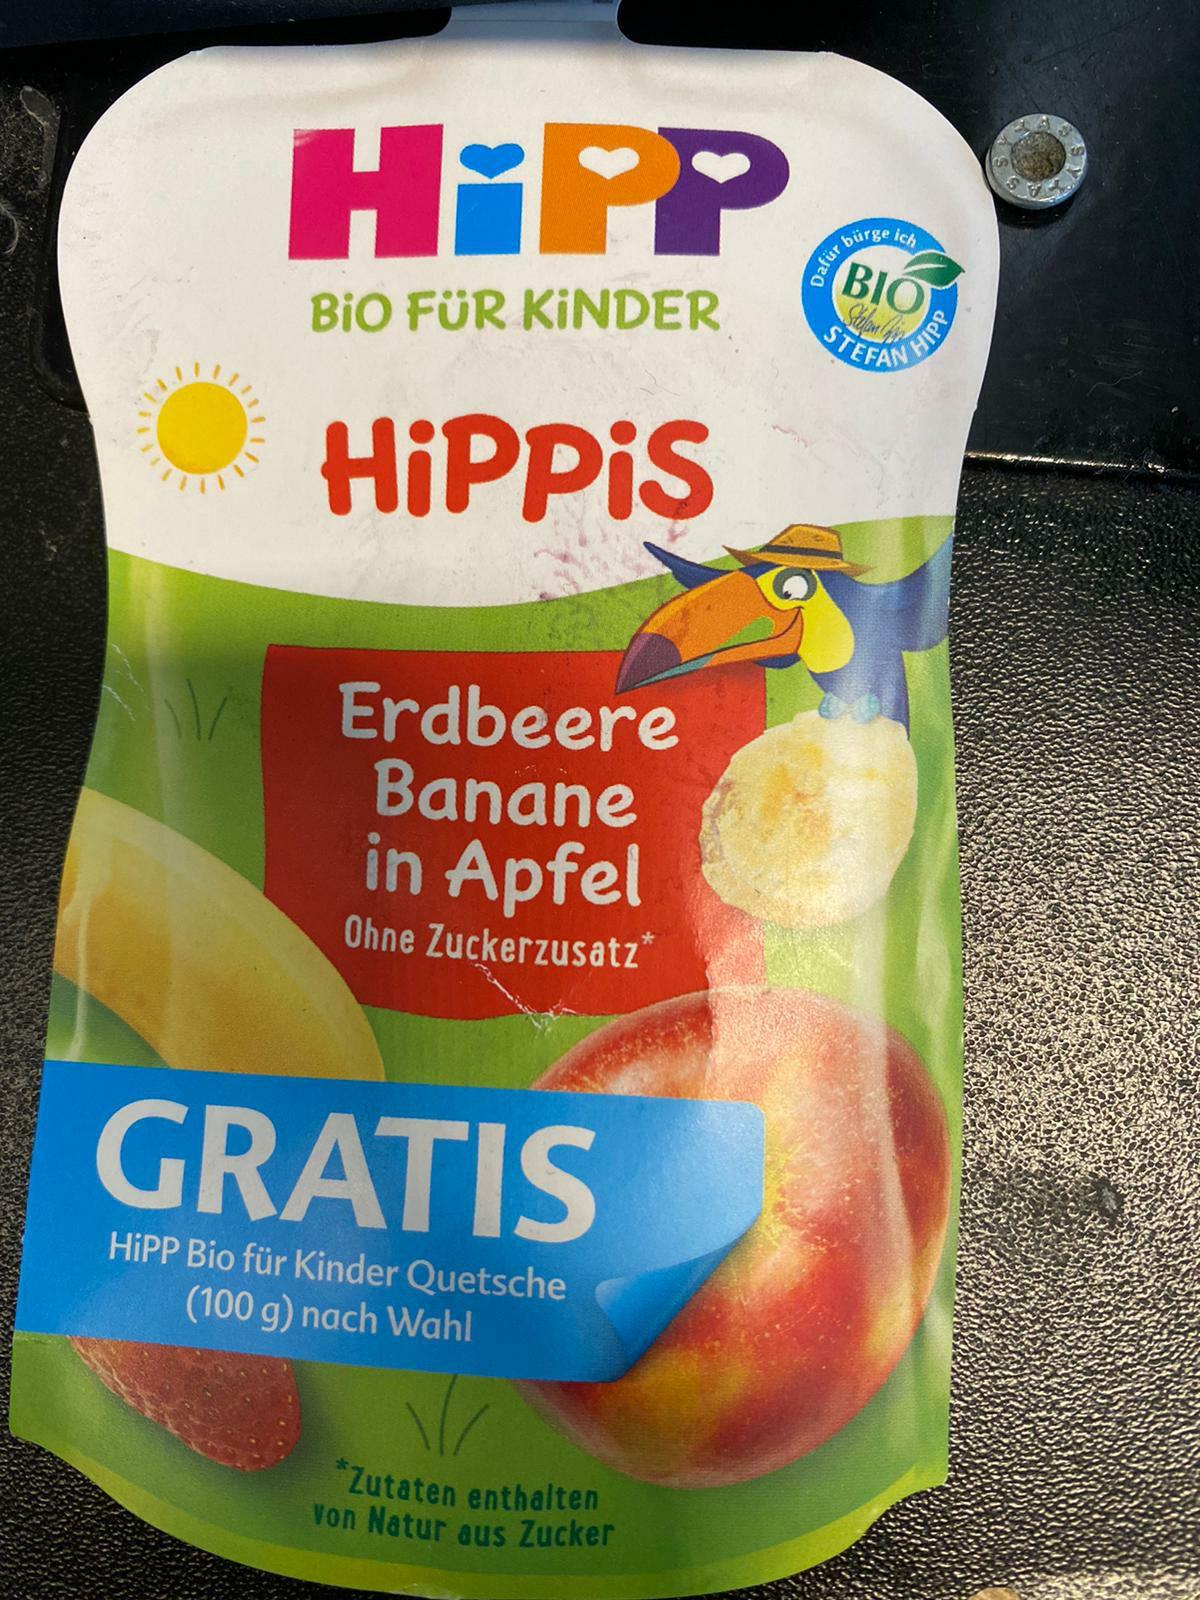 Hipp Bio für Kinder Quetsche Hippis Quetschbeutel Gratis mit Coupon.